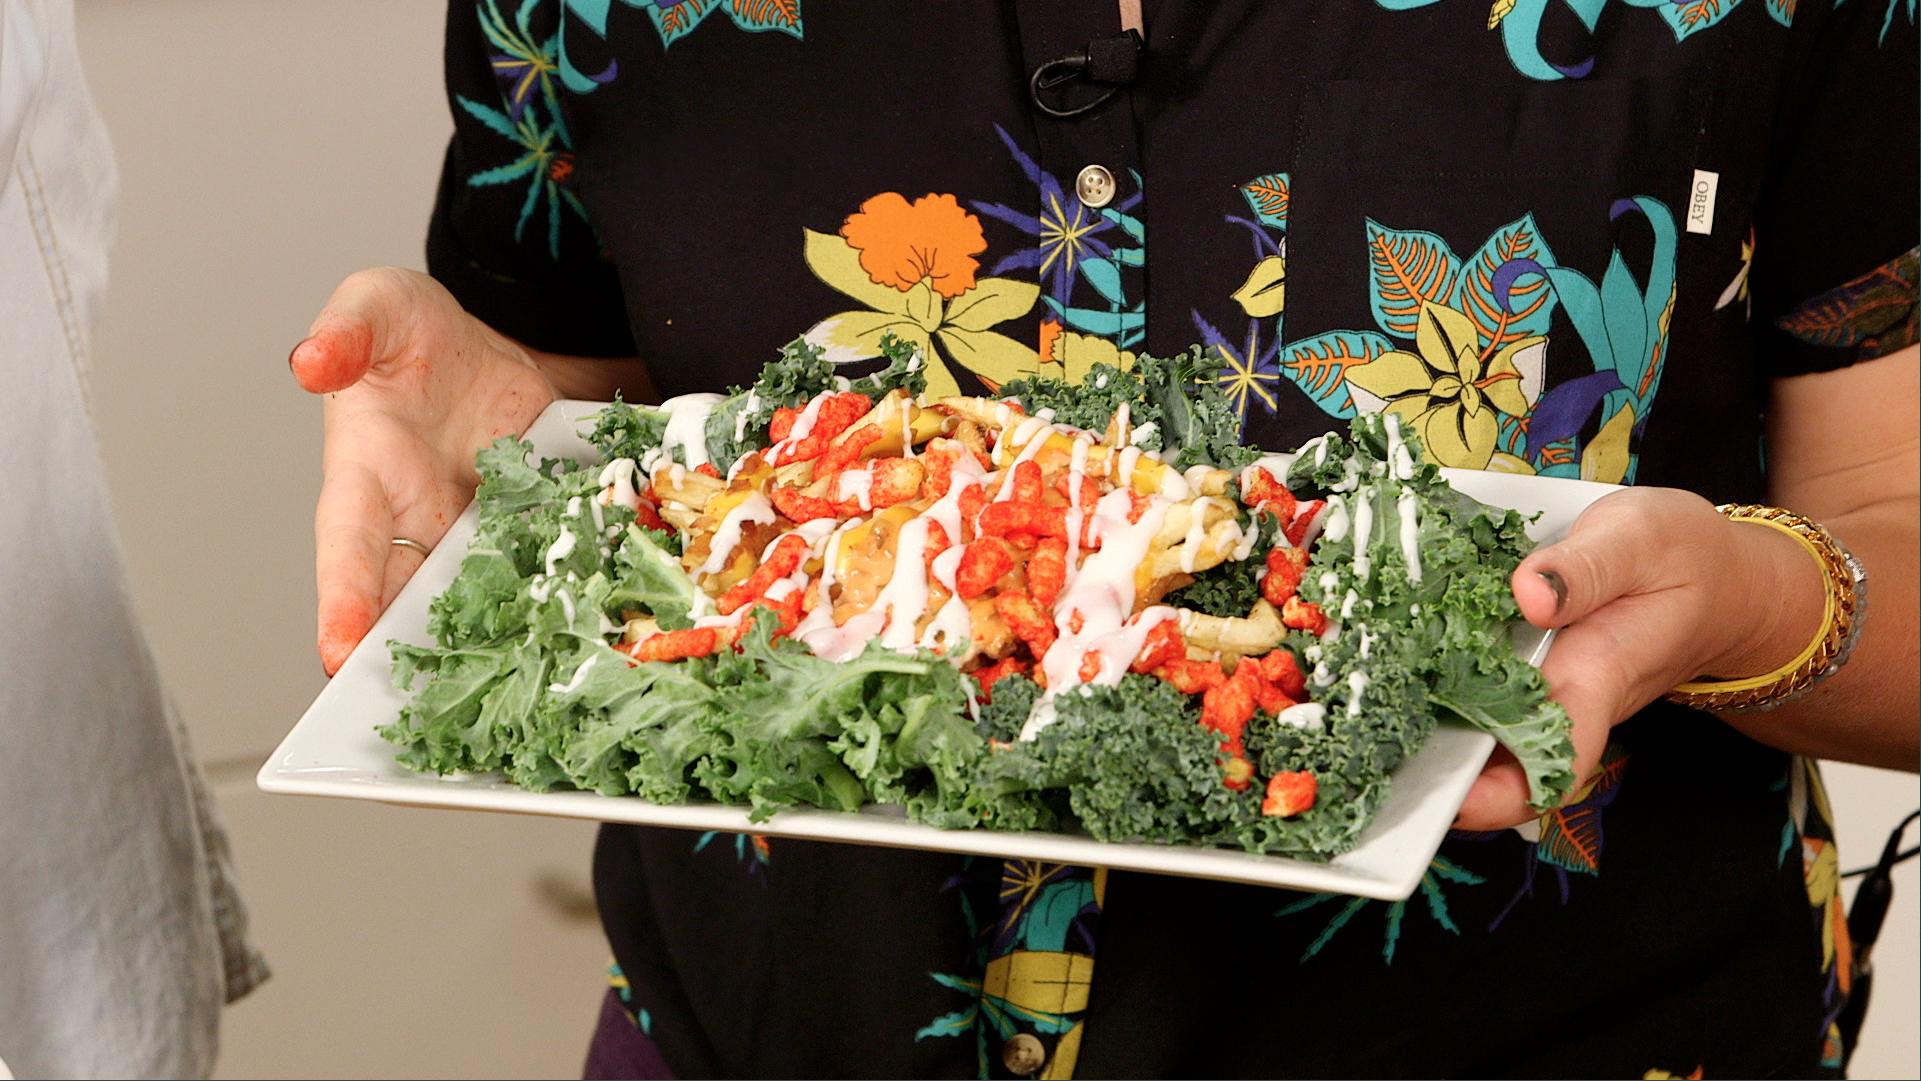 Becca's Salad